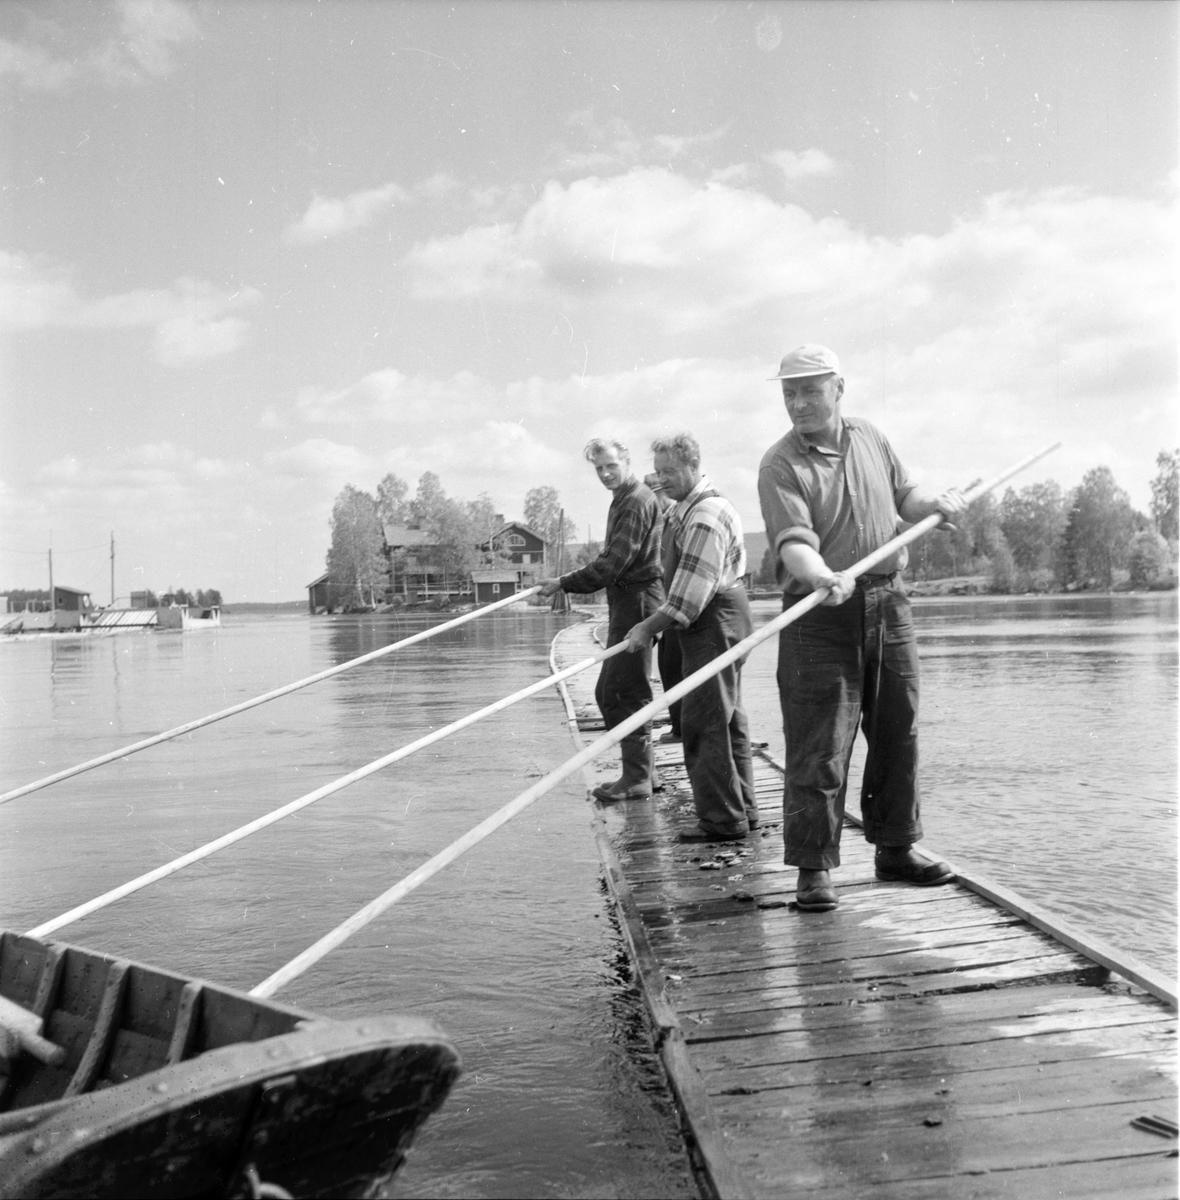 Landafors, Flottningen, 1 Juni 1960